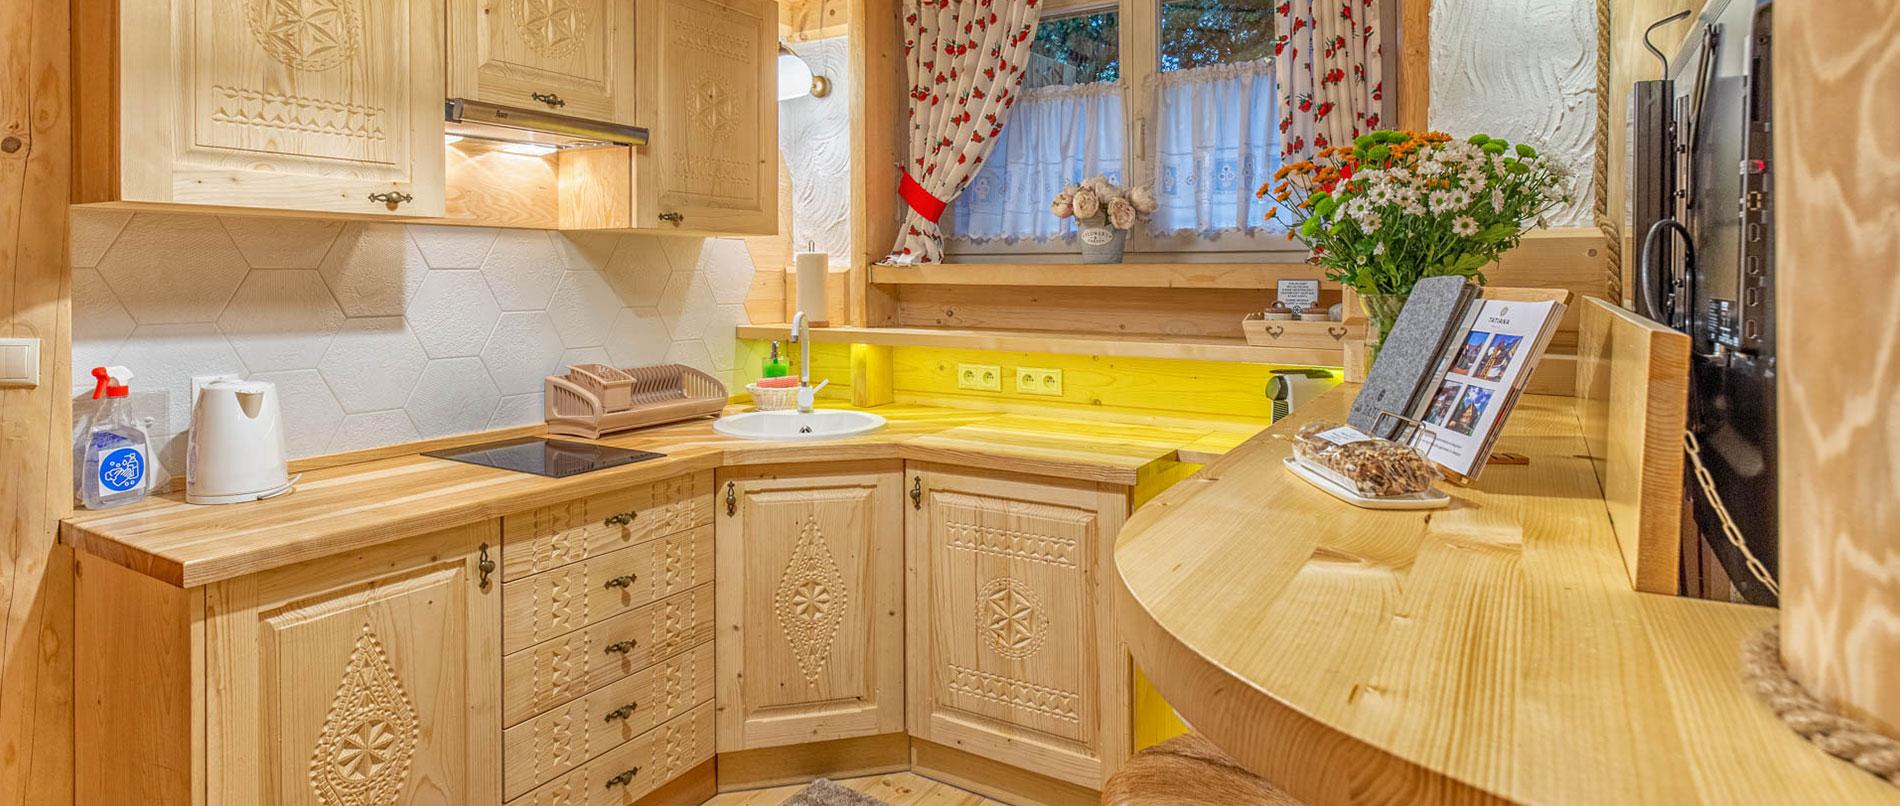 Apartament Premium 1- aneks kuchenny